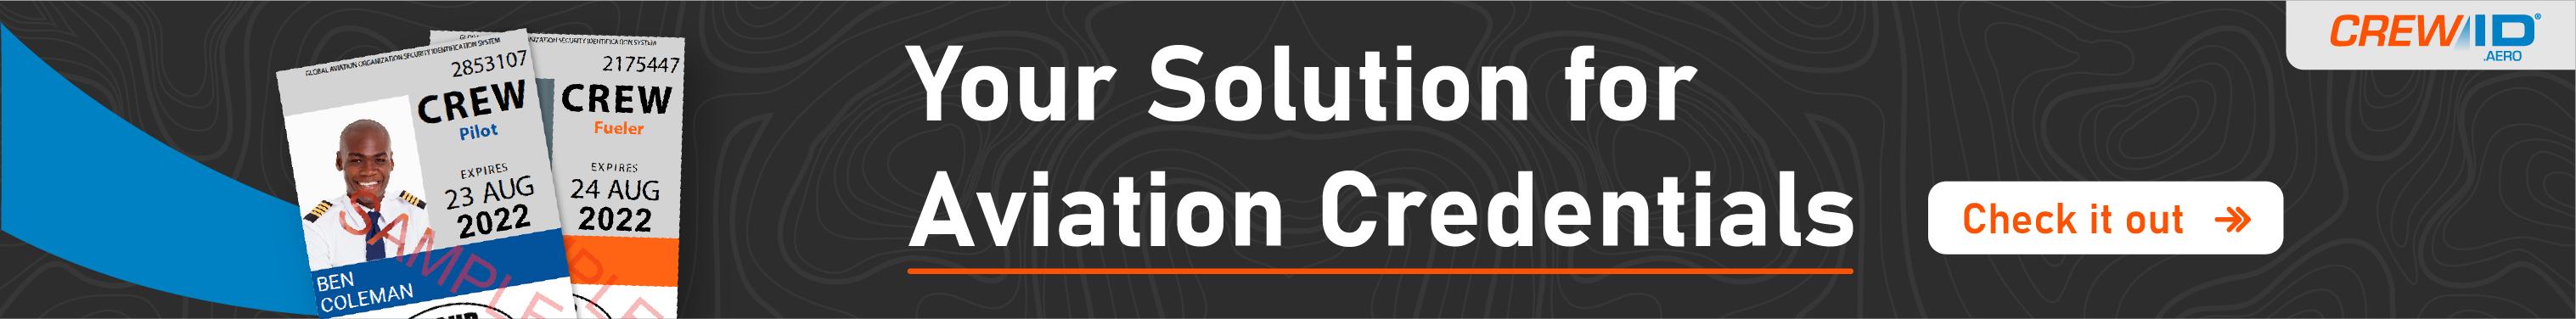 20210623_CrewID_728 x 90_wLogo_Solution